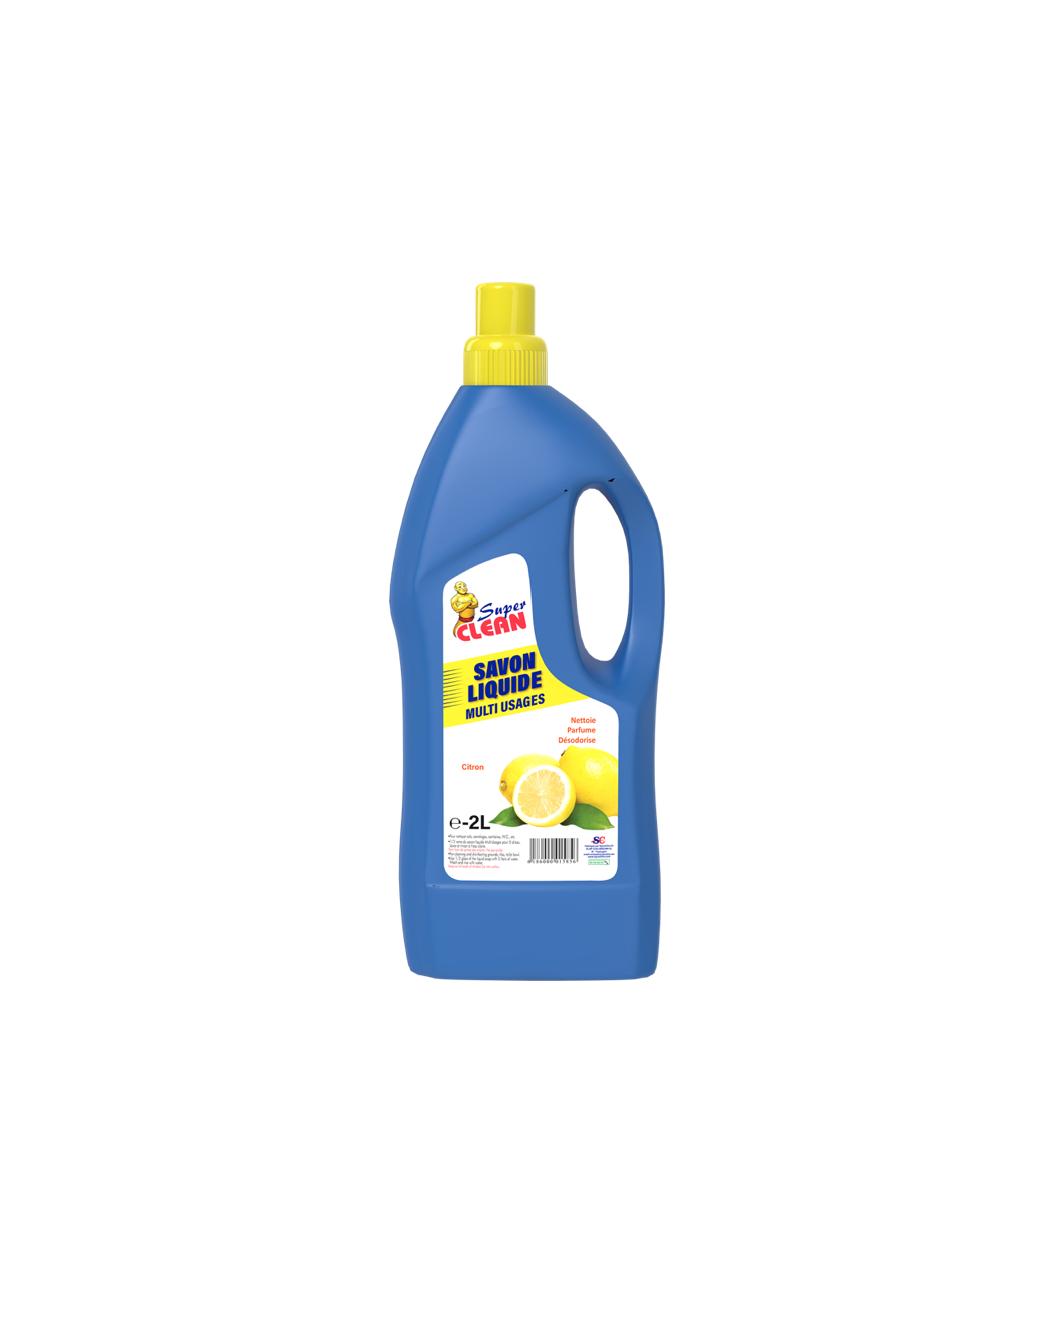 SUPER CLEAN_Savon Liquide Parfume Citron 2L